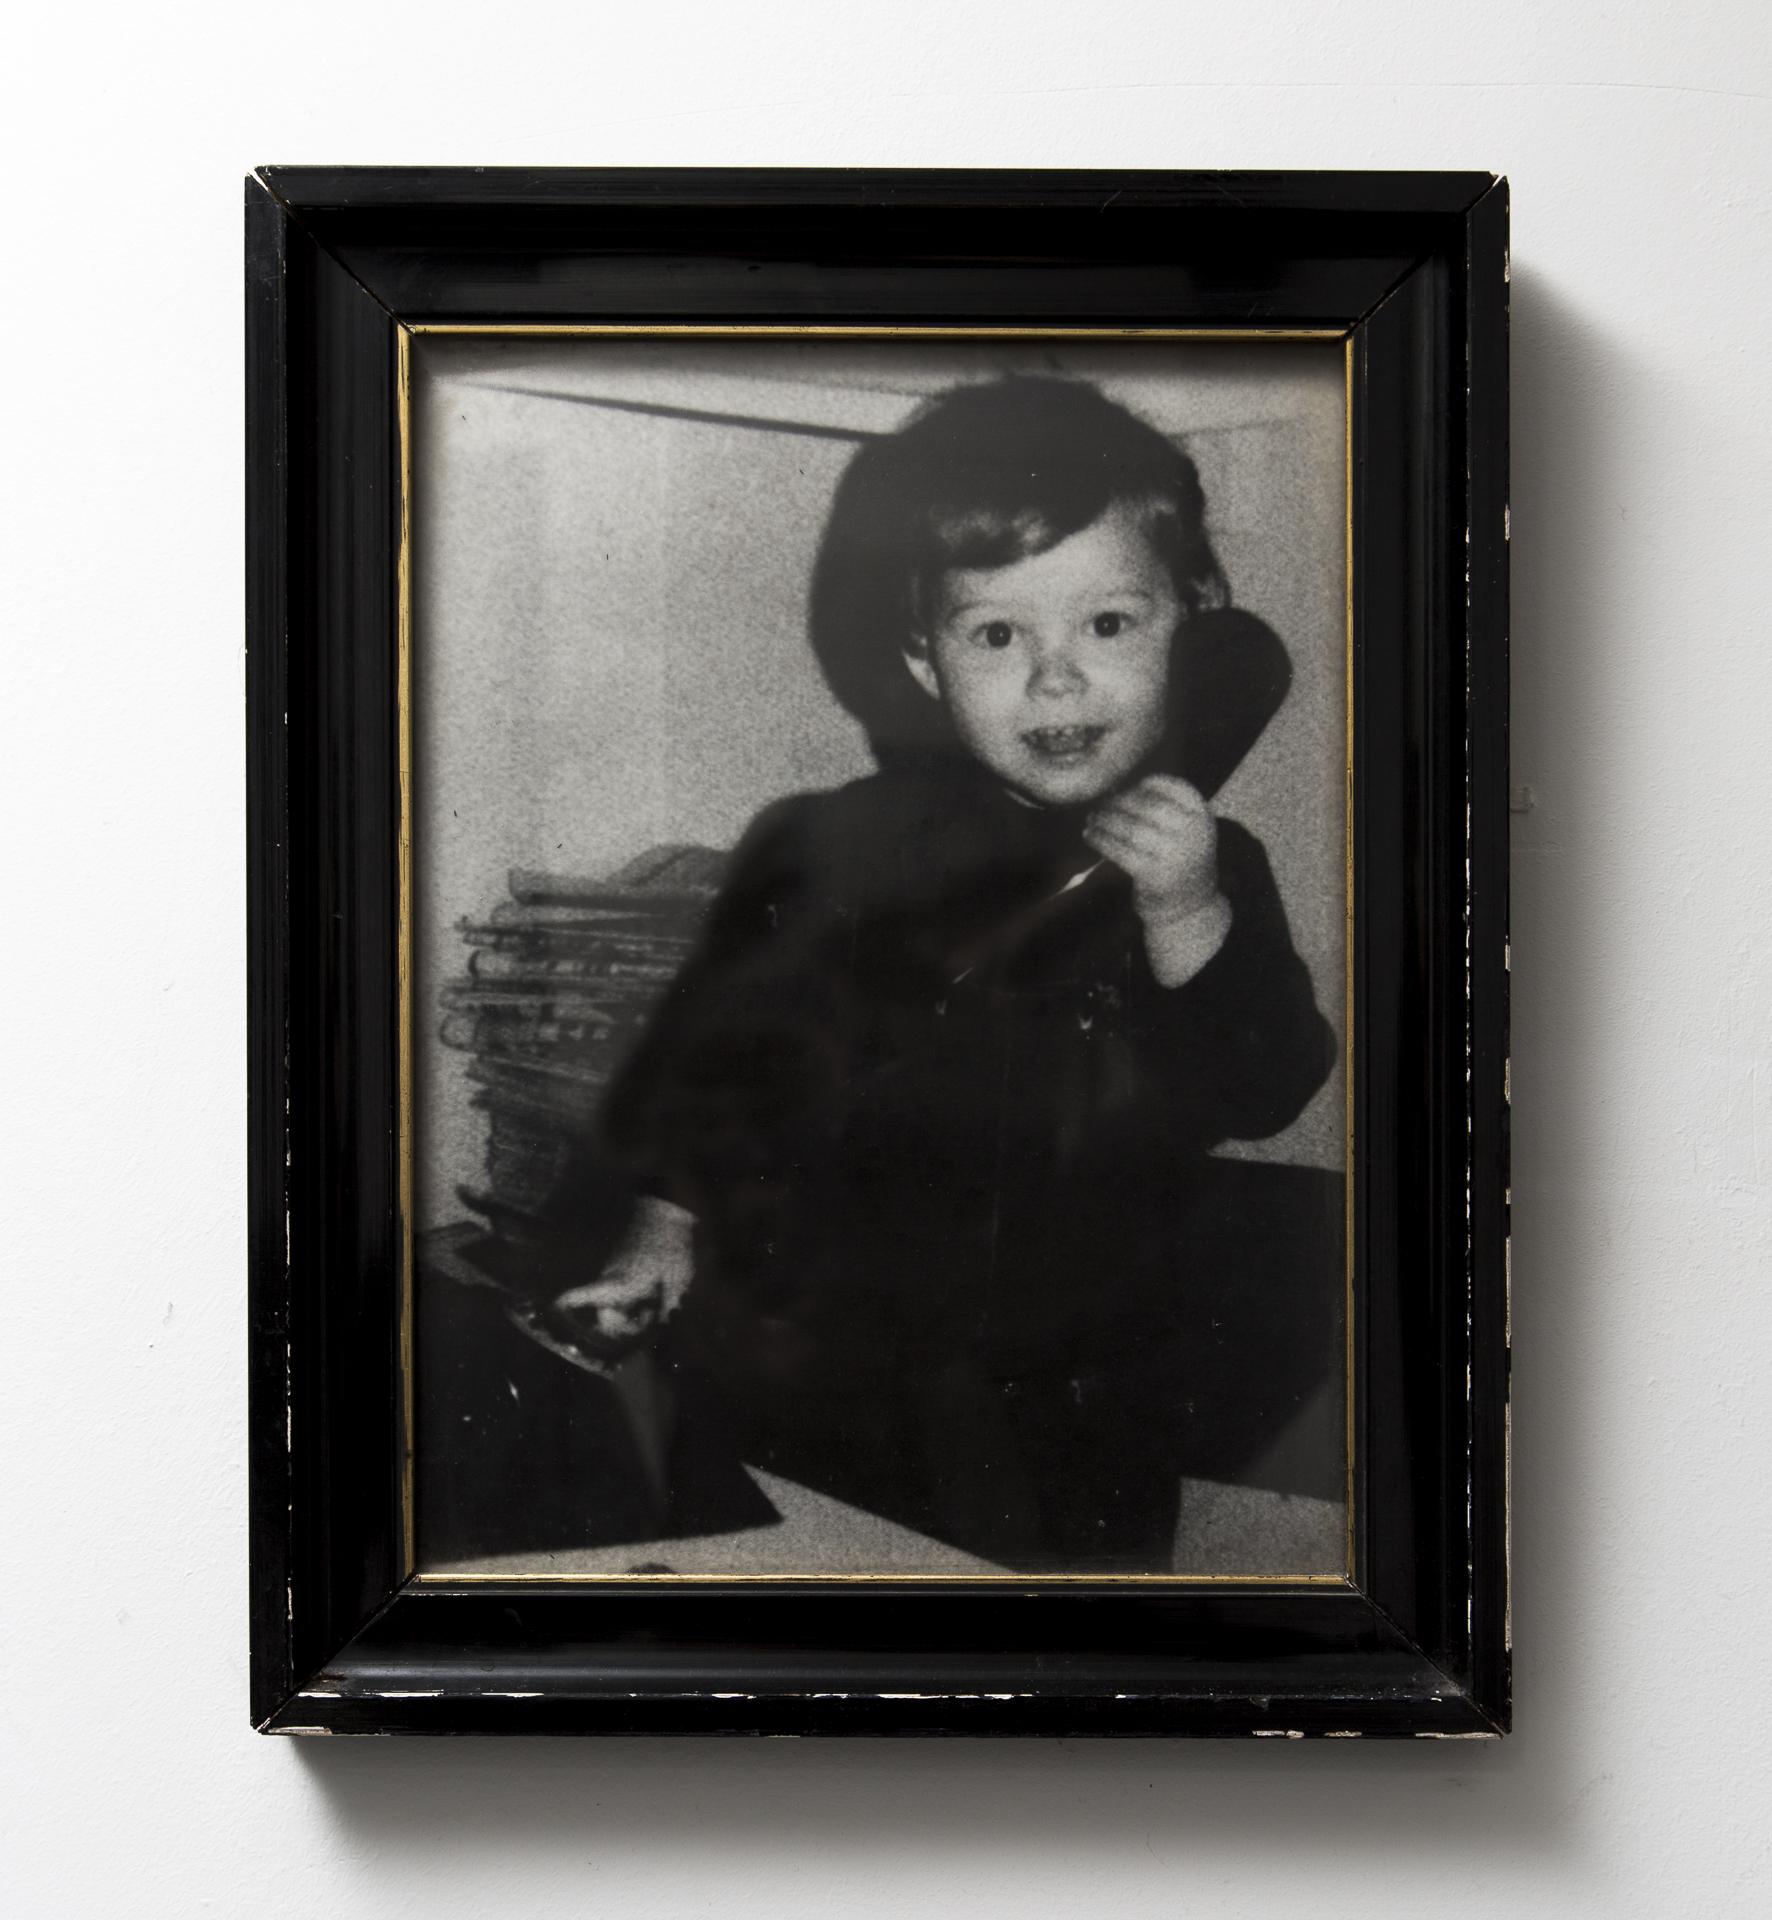 """Dit ben ik. Deze foto is 38 jaar oud en hangt al zolang als ik het mij kan herinneren tegen de muur. Eerst bij mijn ouders nu in mijn inkomhal. Wanneer ik met mijn dochter ga wandelen is """"hoe het vroeger was"""" steenvast het onderwerp. Telkens opnieuw wordt haar nieuwsgierigheid geprikkeld bij het zien van deze foto. Ze vindt het fascinerend om te zien dat haar papa vroeger ook klein was..."""